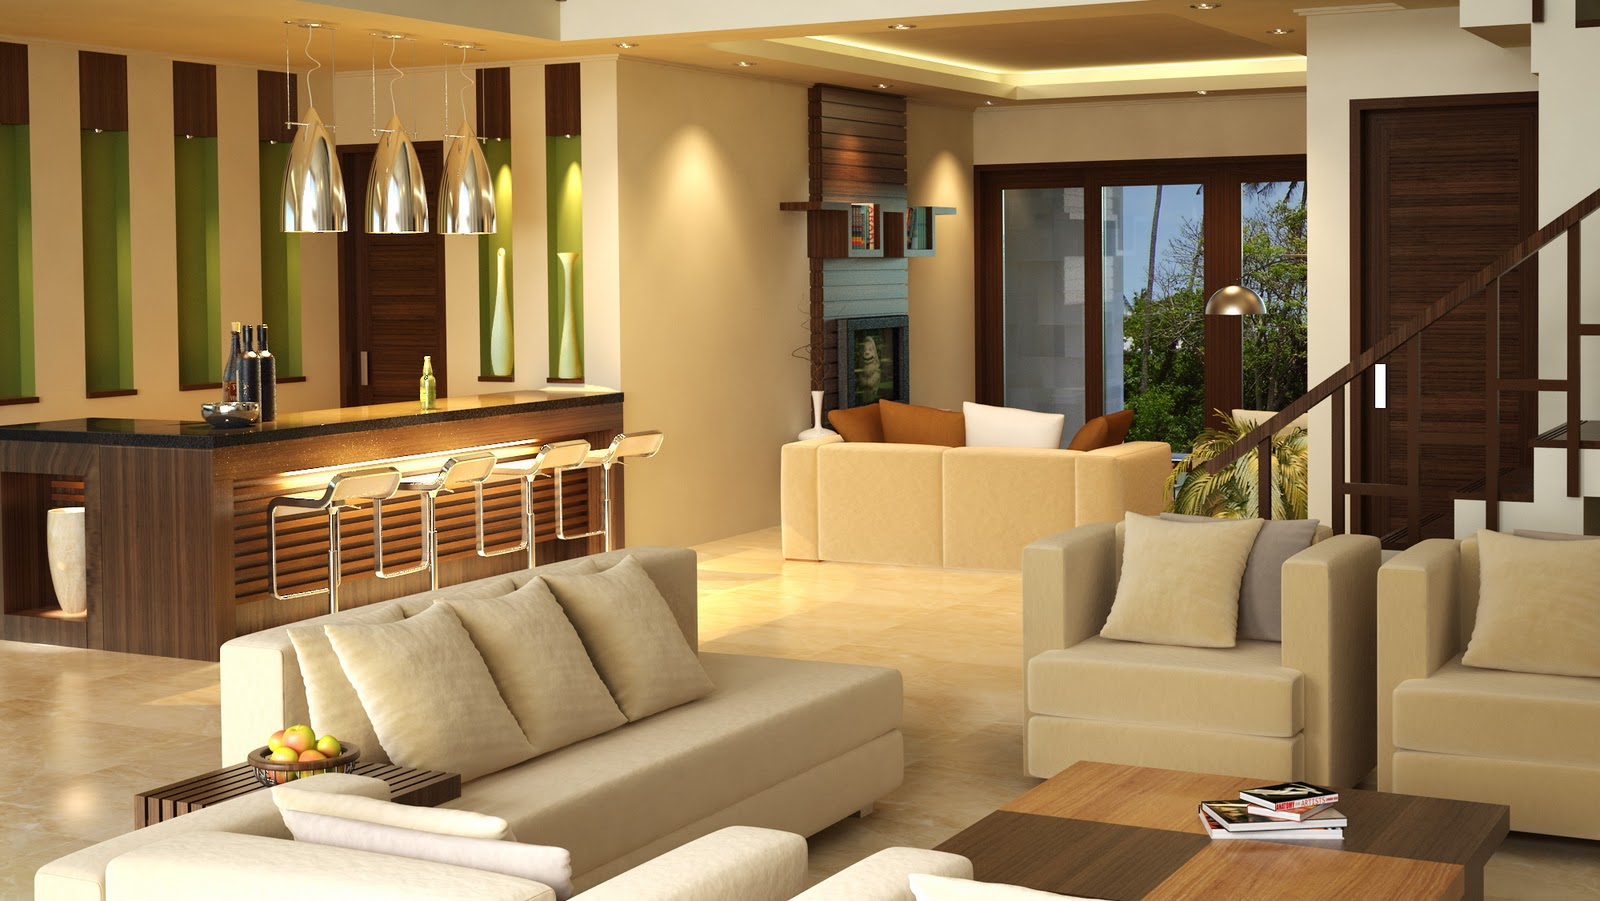 Desain Interior Rumah Minimalis Modern REFERENSI RUMAH